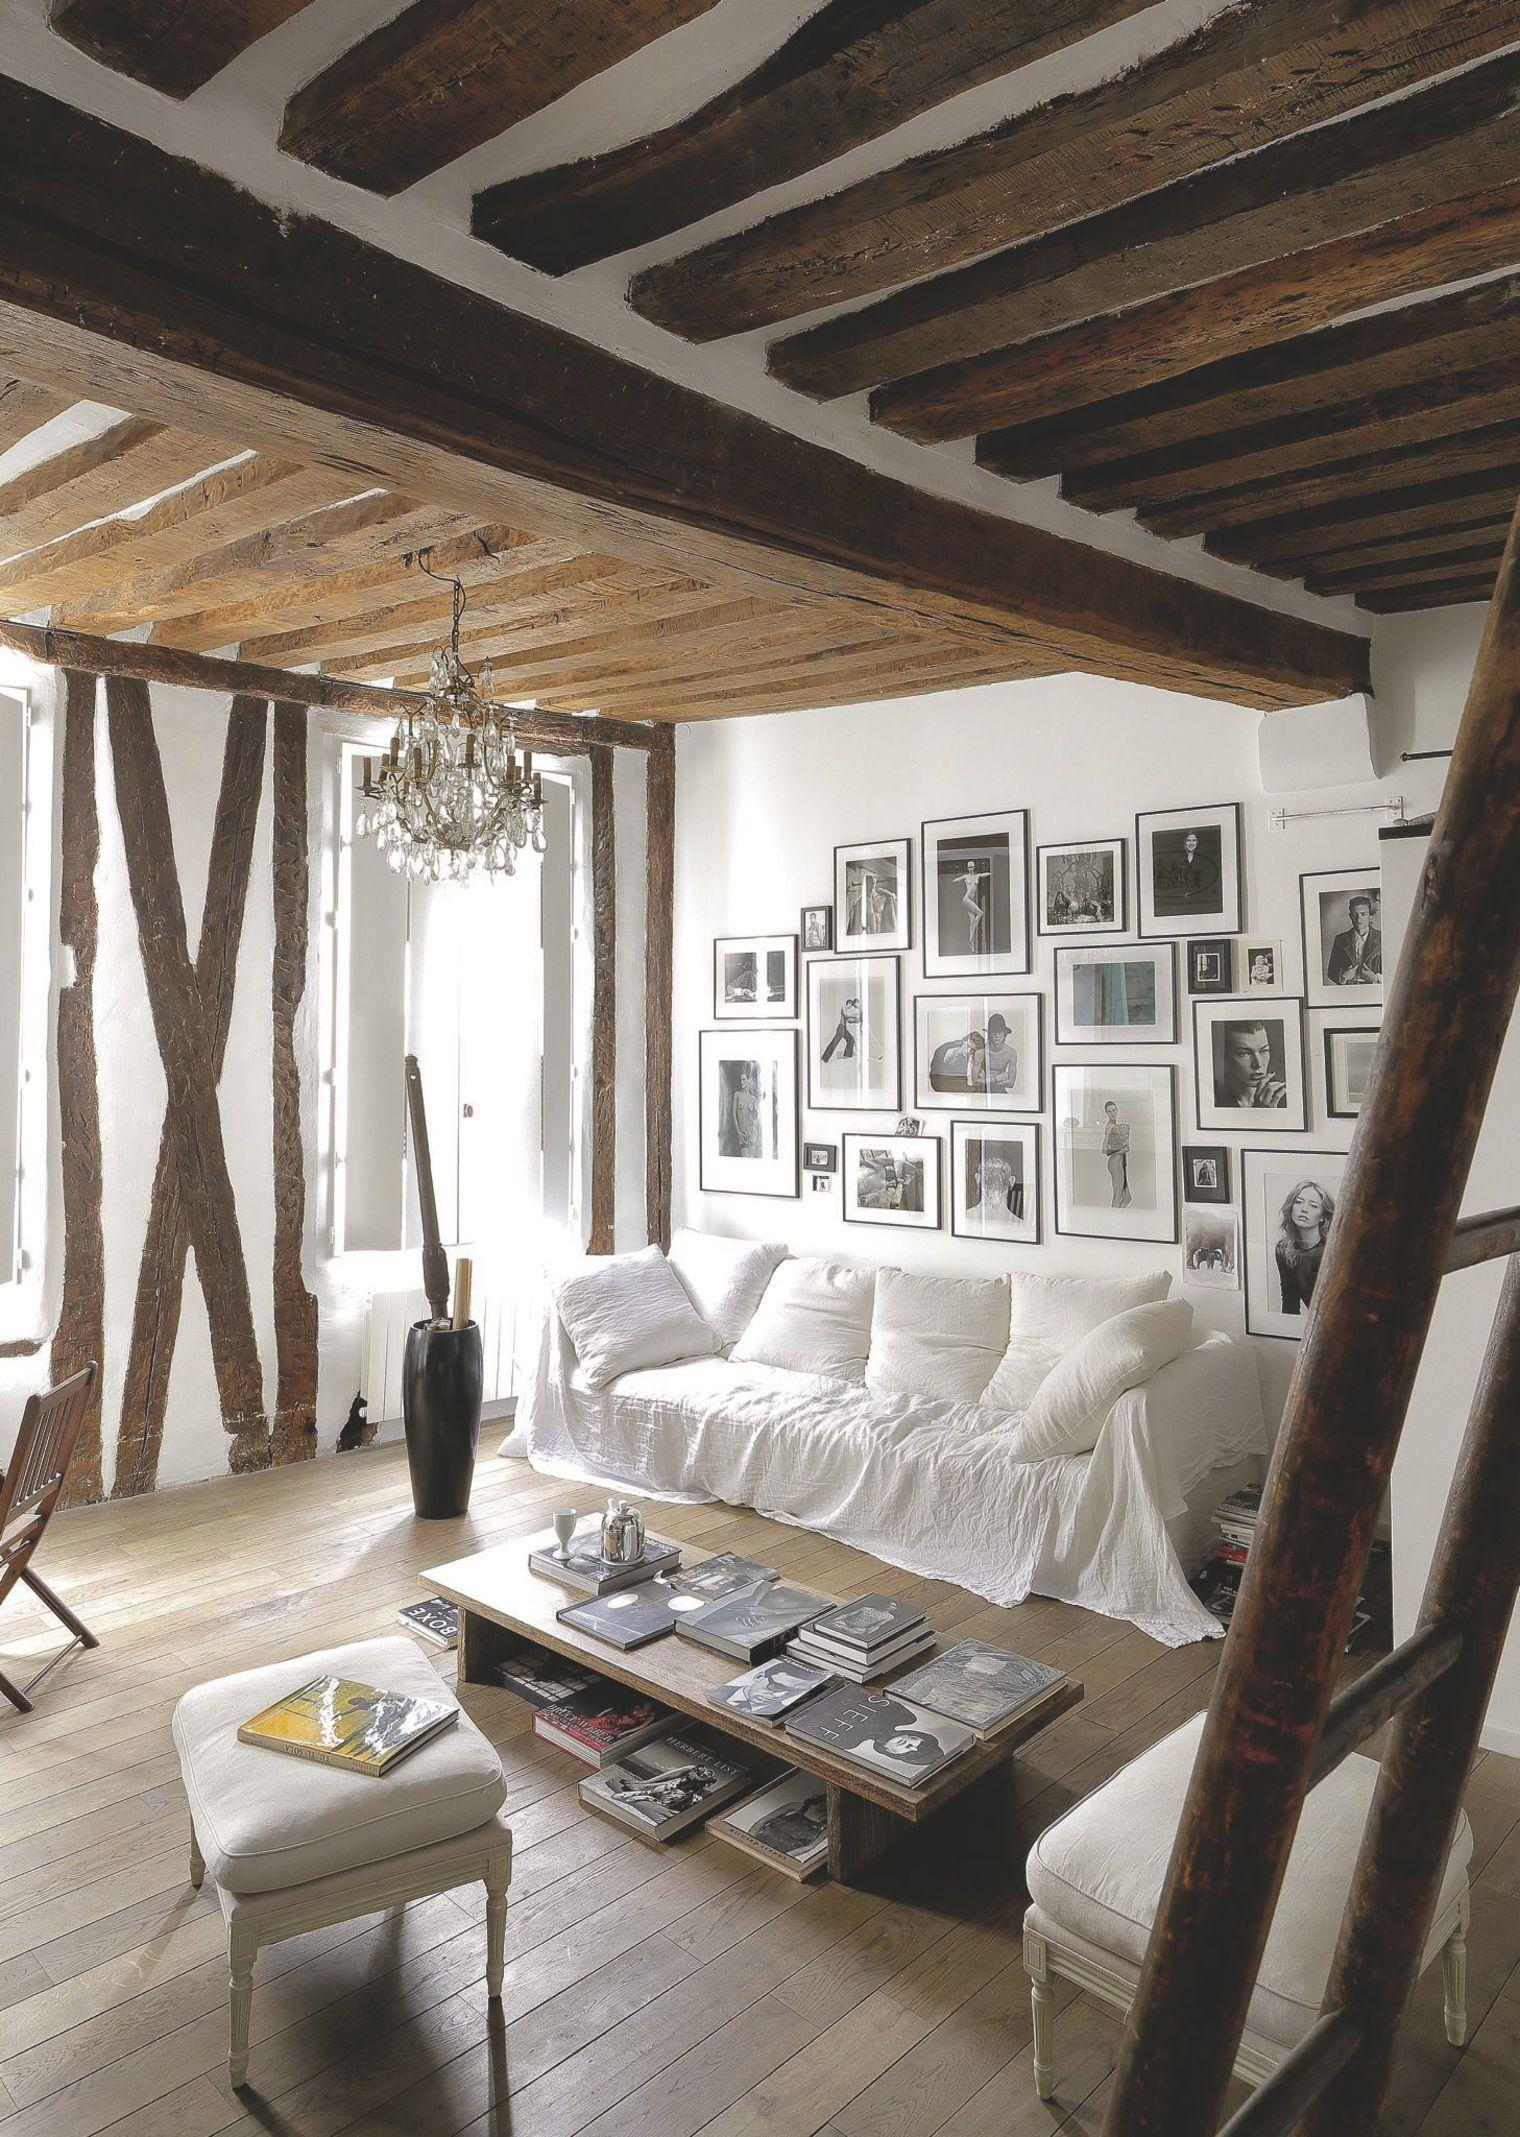 Appartement Marais avec poutres apparentes  Décoration maison